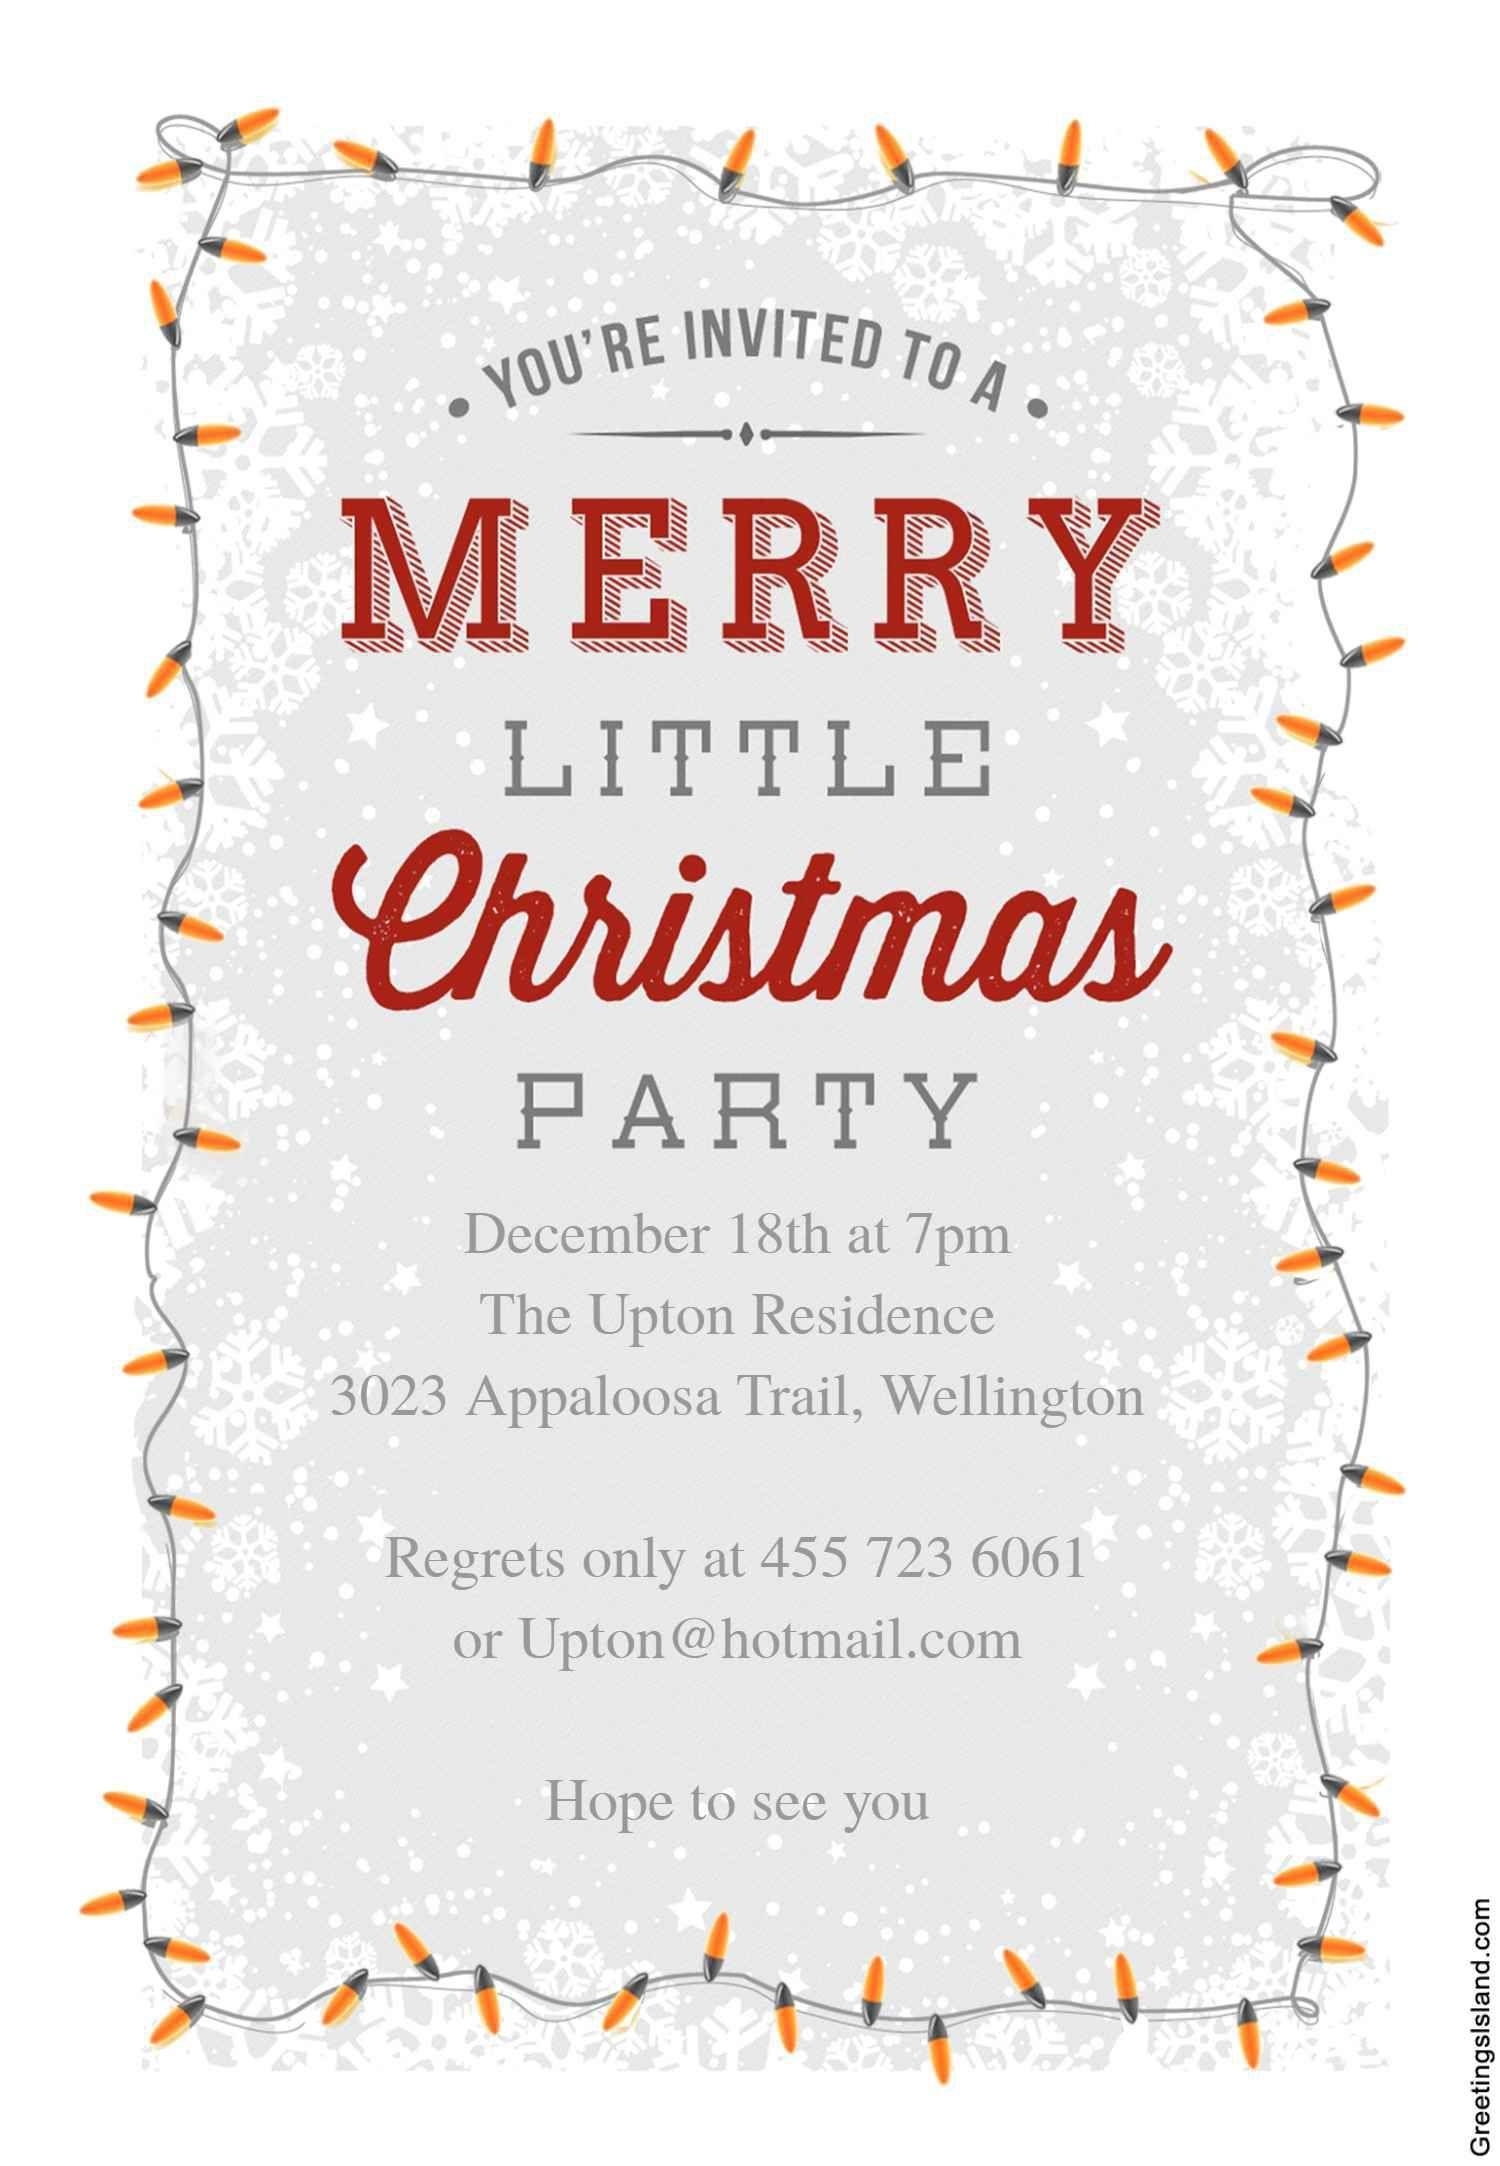 Einladung Weihnachtsfeier Firma.Einladung Weihnachtsfeier Feuerwehr Einladung Weihnachtsfeier